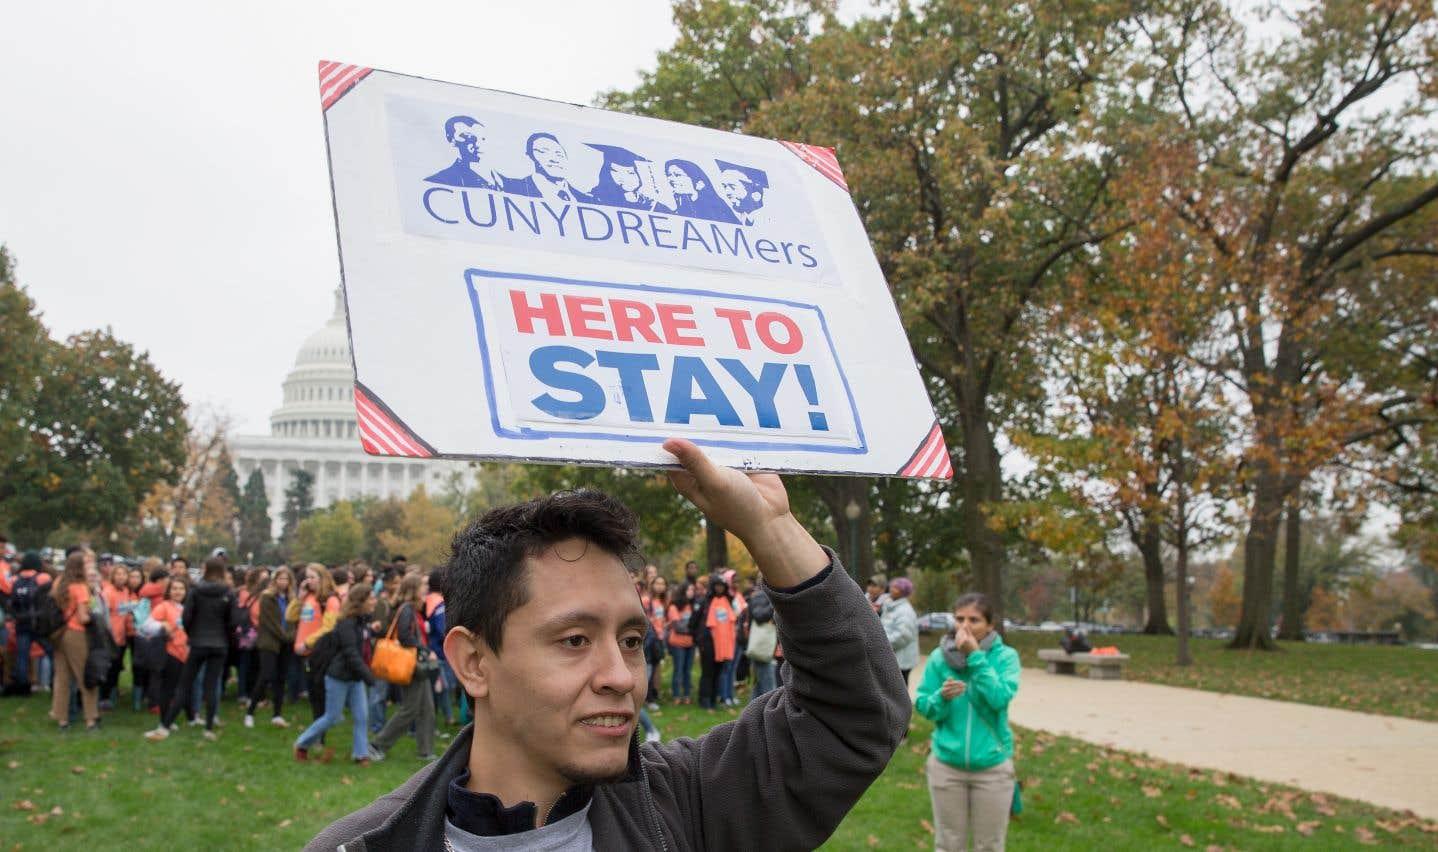 Trump esquisse un compromis sur l'immigration